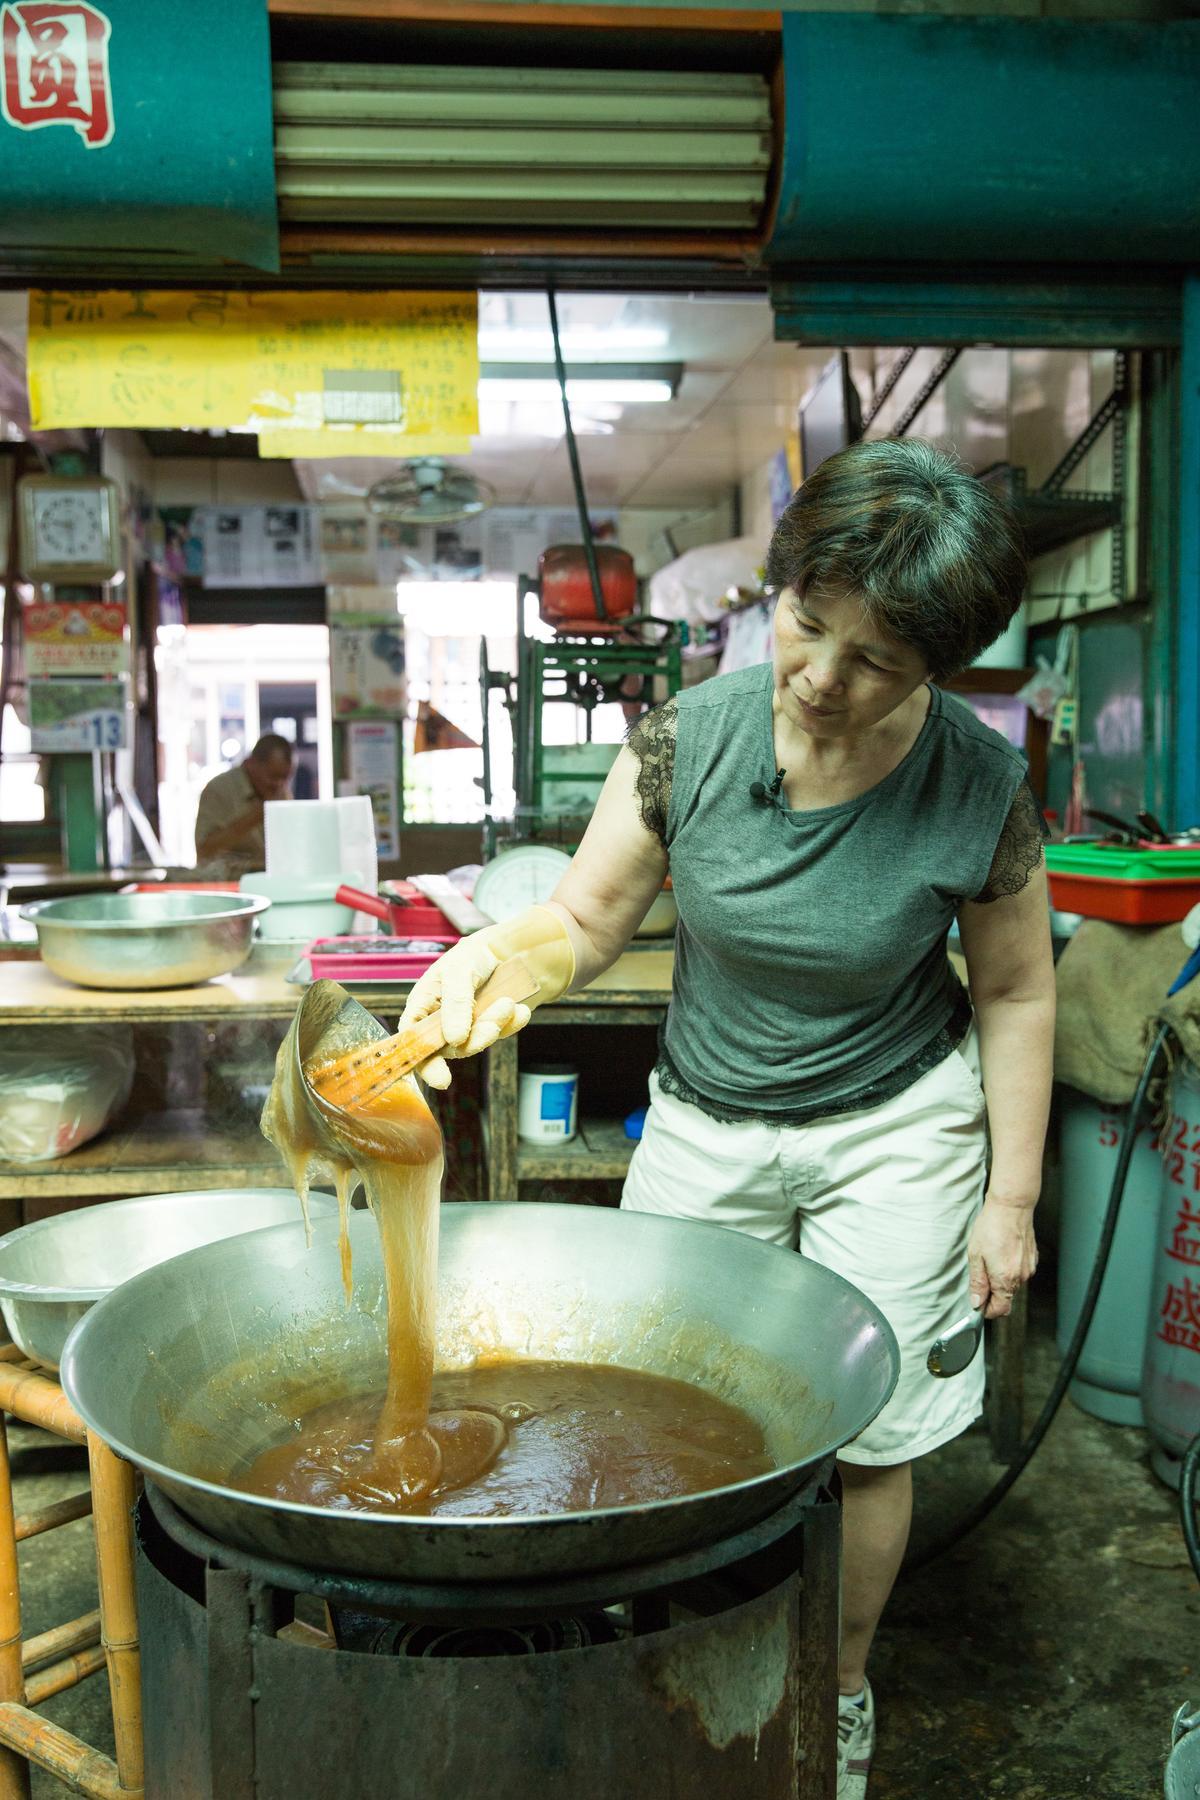 「龍泉冰店」第三代的媳婦朱淑美年輕時,本來是中央市場裡裁縫店的「阿妹仔」,楊家特別請人去朱家做媒,她懷3個孩子時也都站在剉冰機前剉冰,她形容真怕肚皮上的冰水讓嬰兒感冒了。